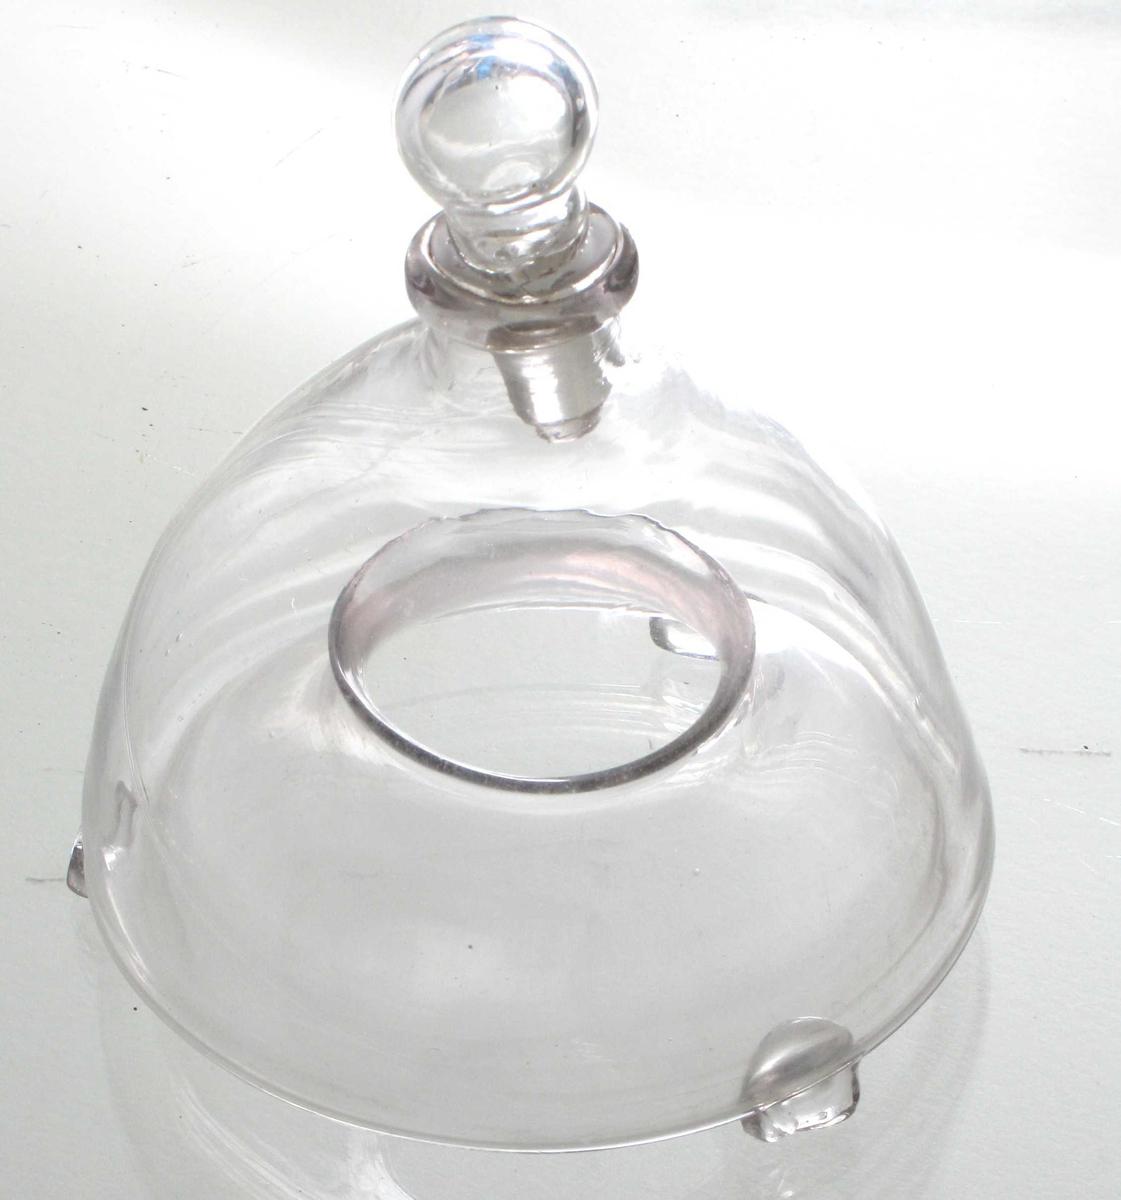 Klokkeformet beholder, tut med propp øverst, 3 lave bein ved nedrekant. Bunnen er bøyd innover og oppover i beholderen og har et hull i midten.